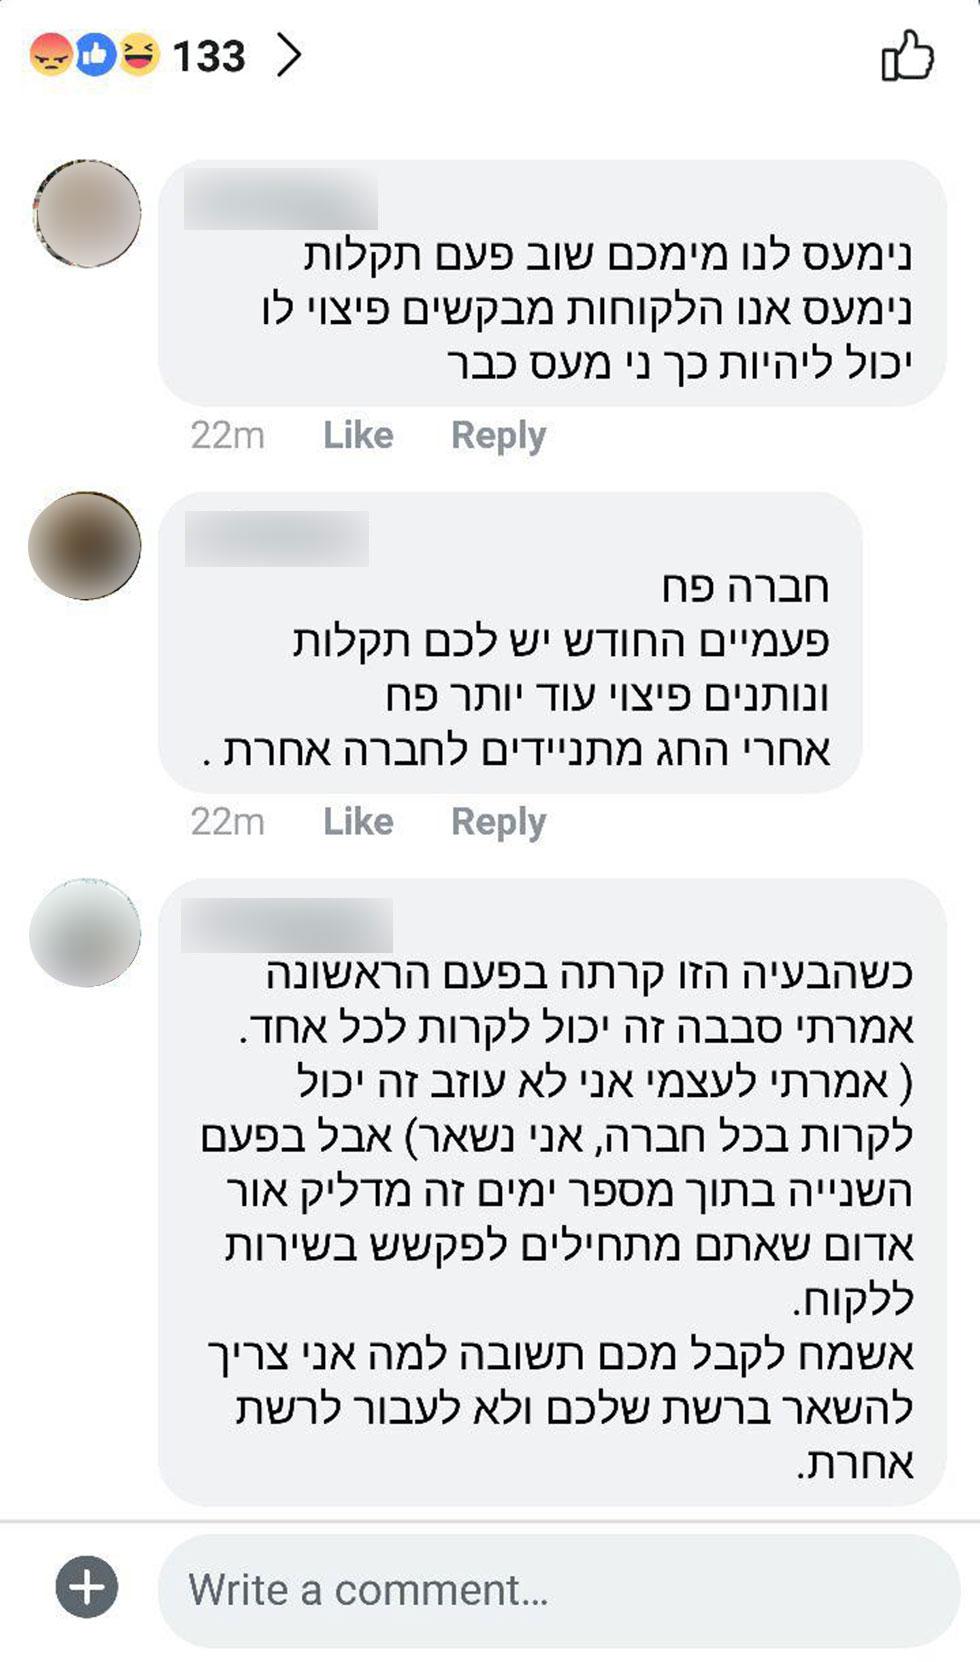 פלאפון פייסבוק (צילום מסך מתוך אתר הפייסבוק של פלאפון)